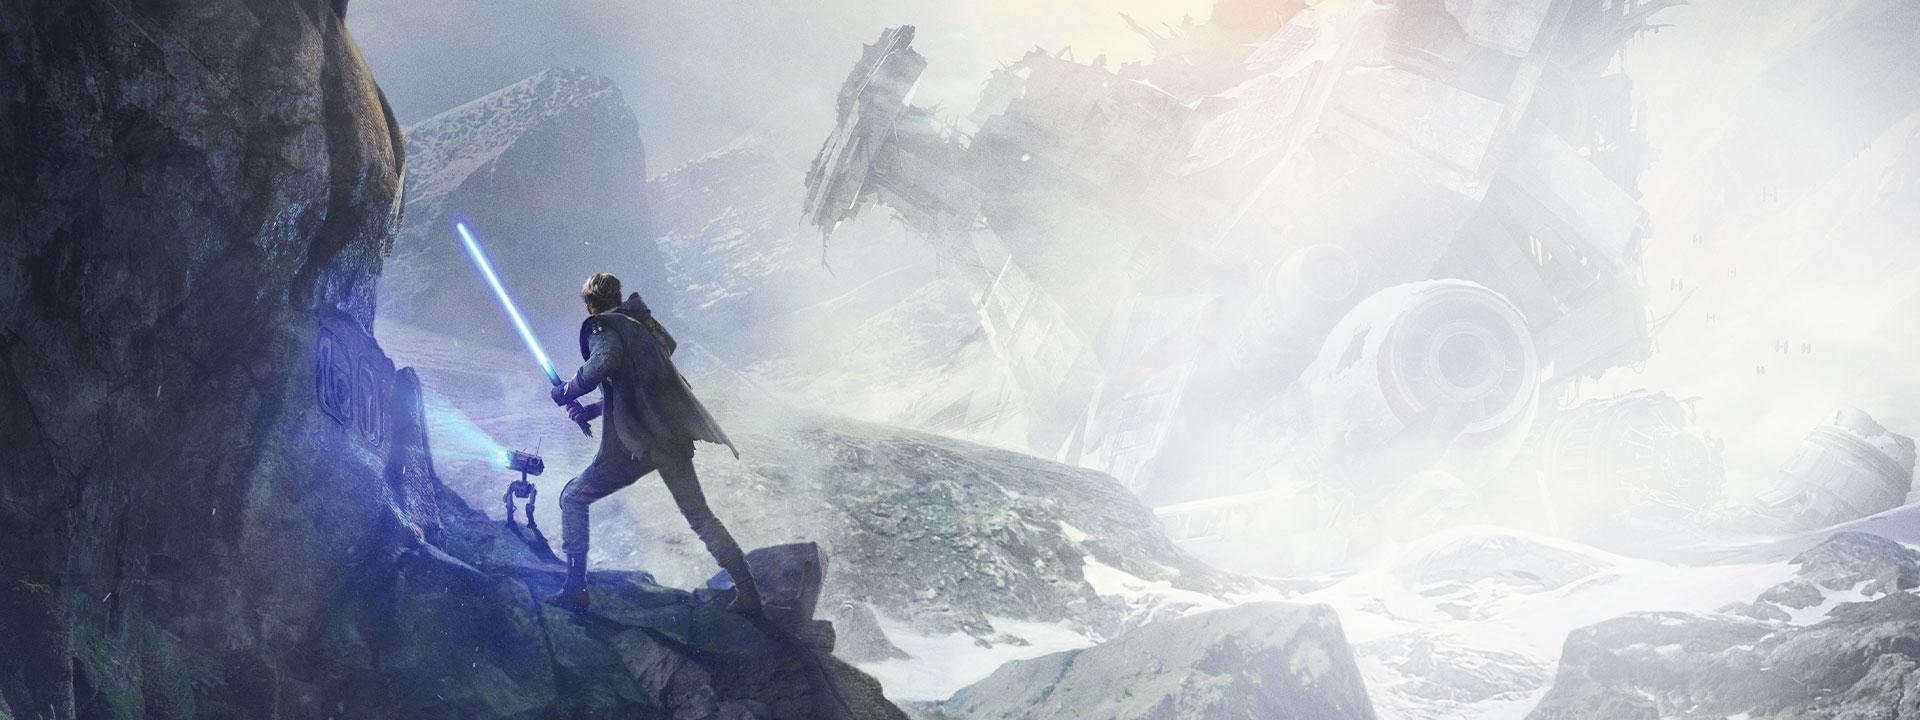 Muž se světelným mečem v rukou stojí na útesu, zatímco droid skenuje symboly na skále